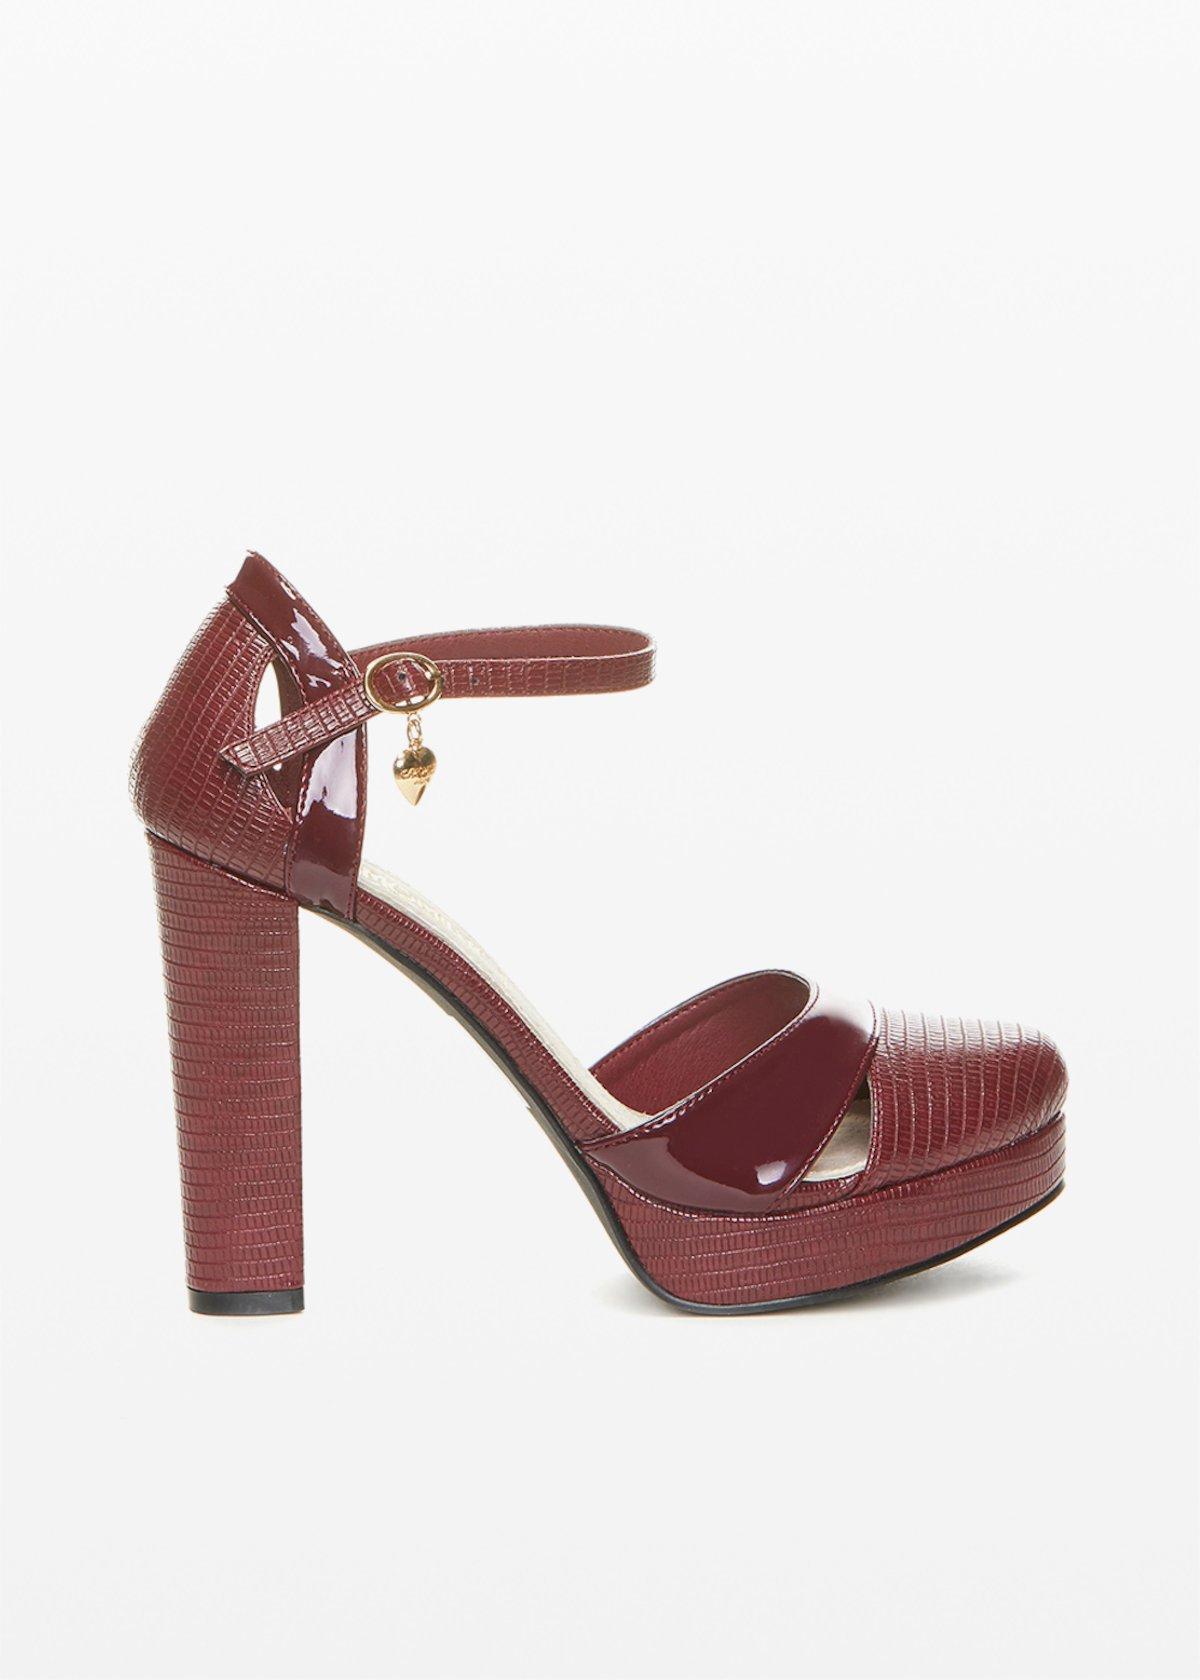 Sandalo Sophie effetto pitone e verniciato - Morello - Donna